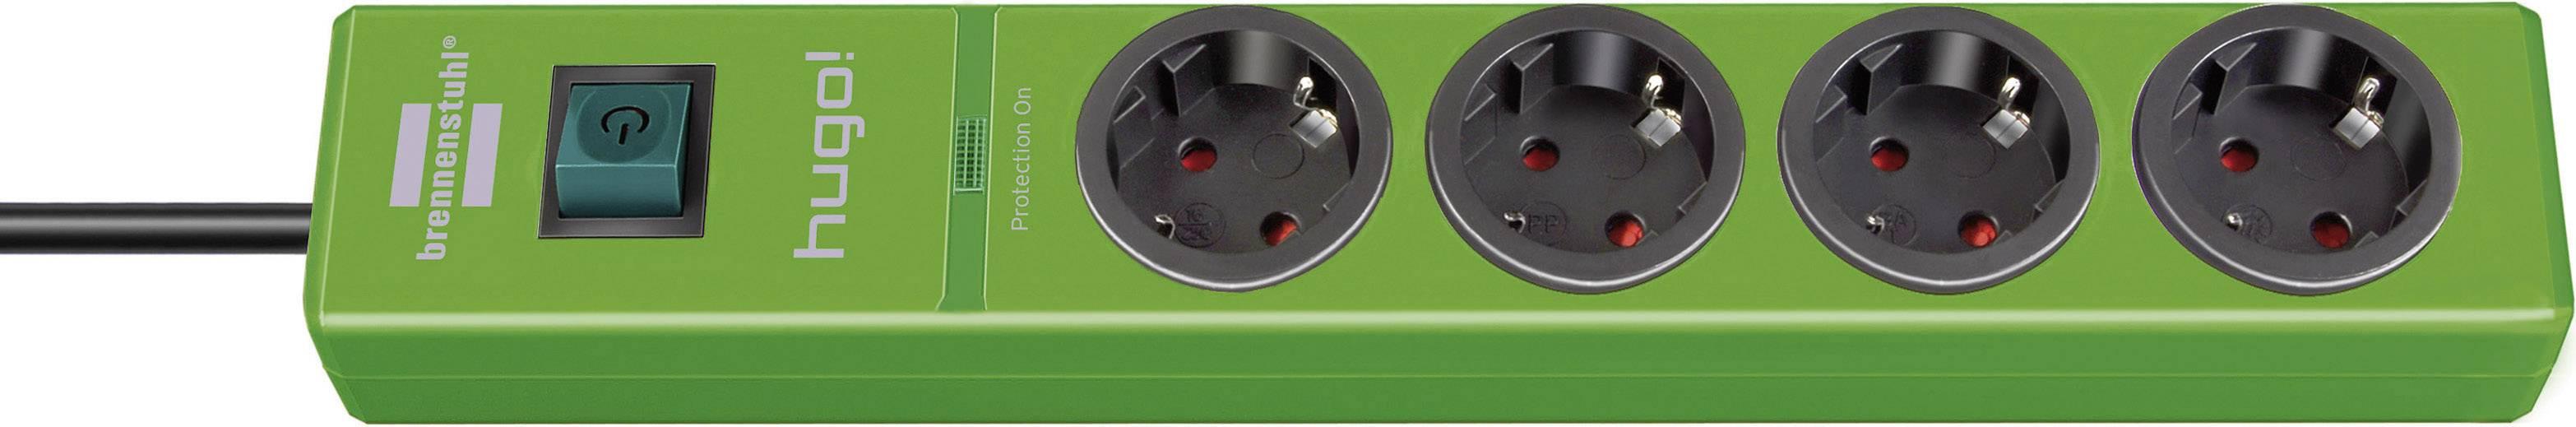 Zásuvková lišta Brennenstuhl s prepäťovou ochranou a spínačom, 4 zásuvky, zelená